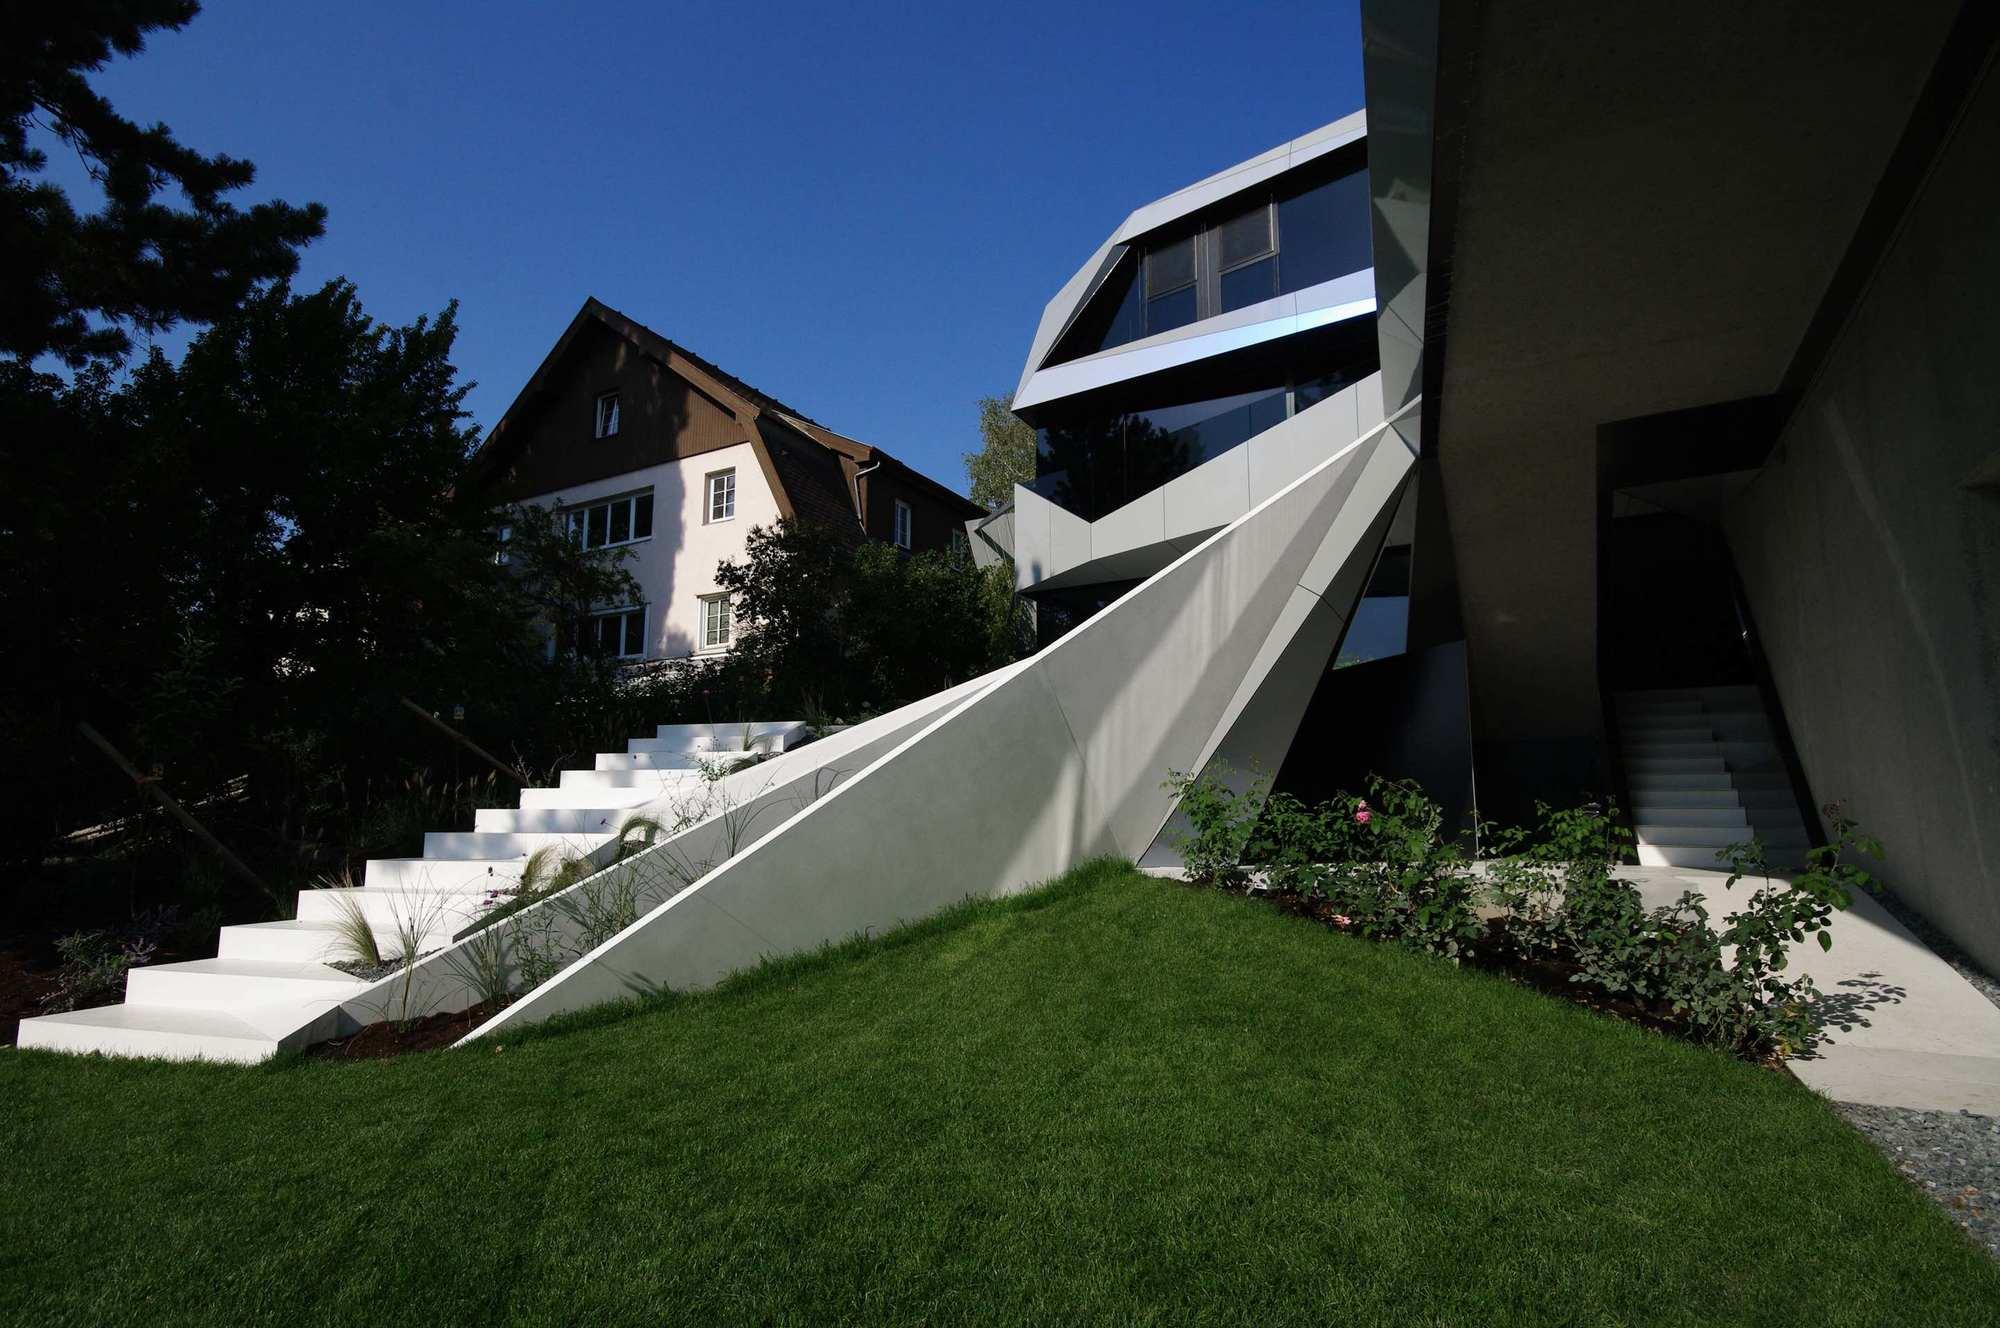 Ломанный оригами как лёд CoMED от студии ad2 architekten ZT KG